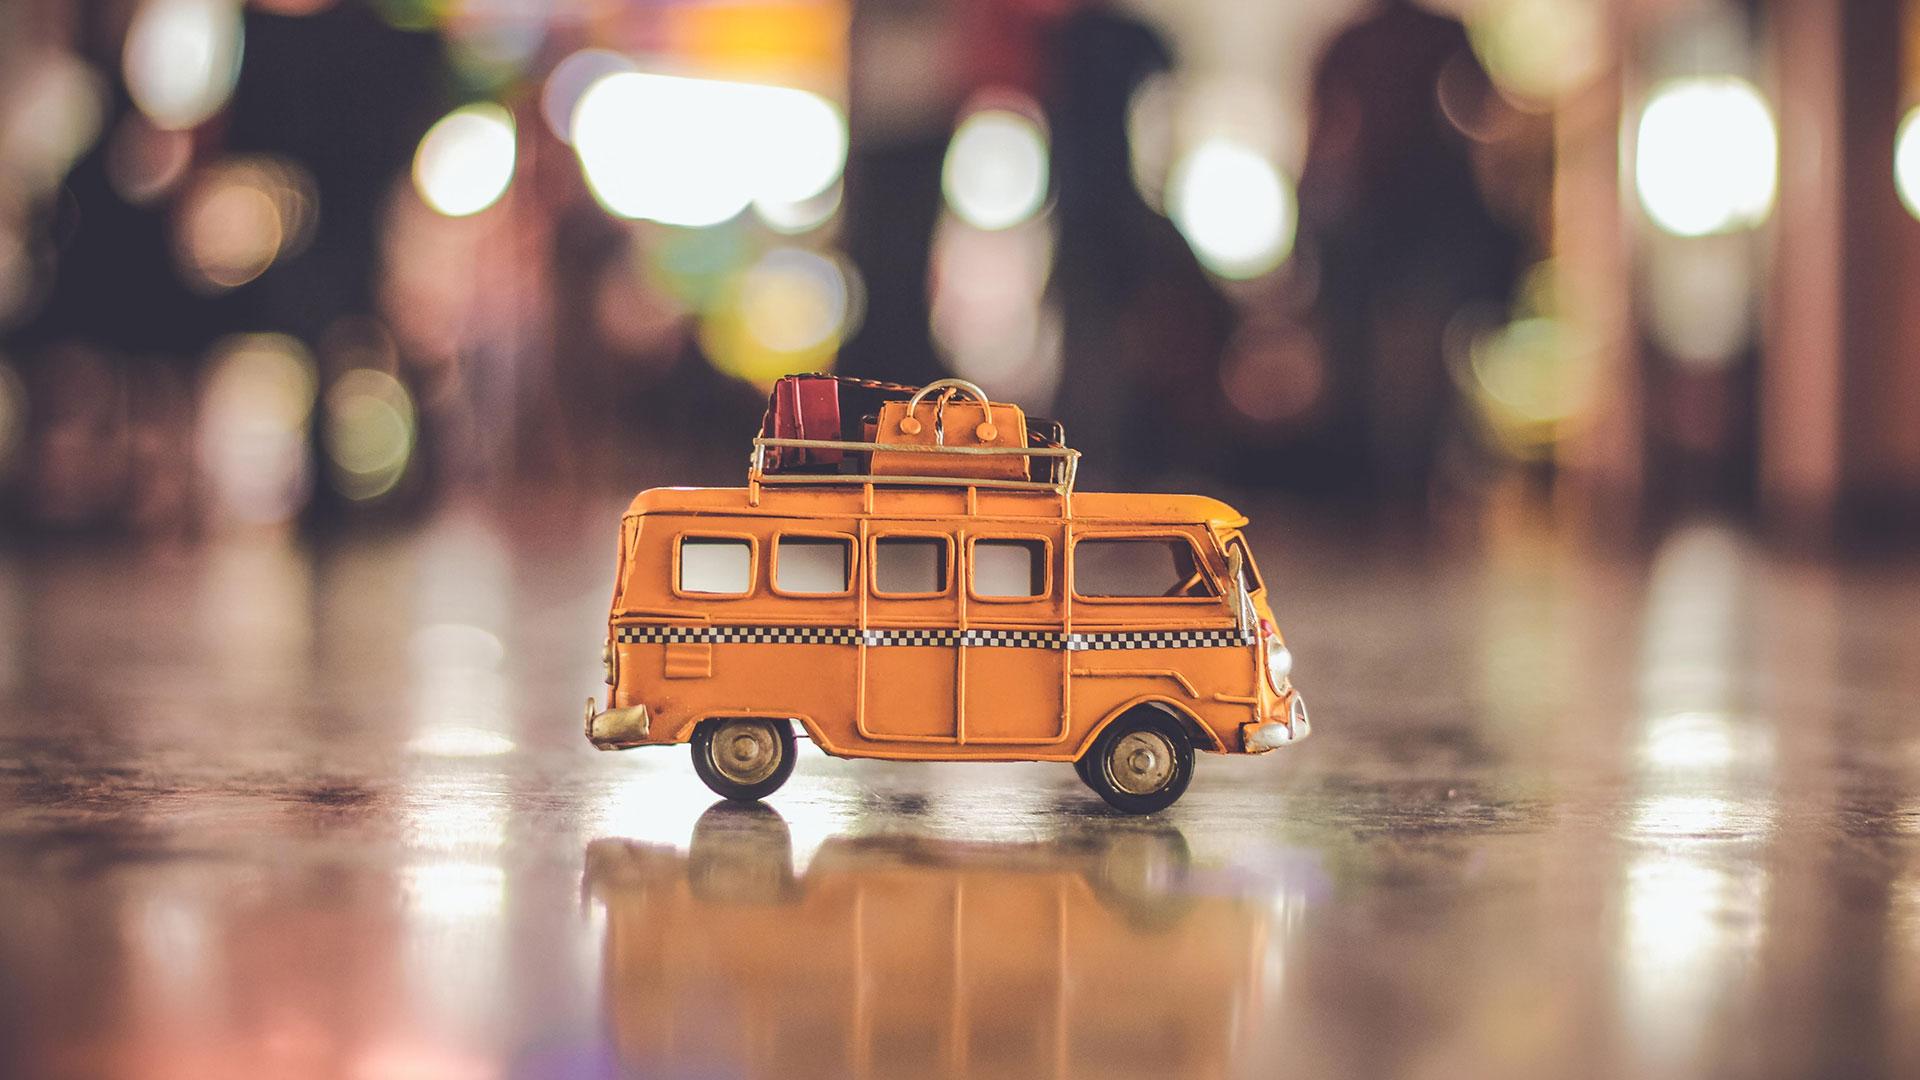 Modellbus mit Gepäck auf dem Dach